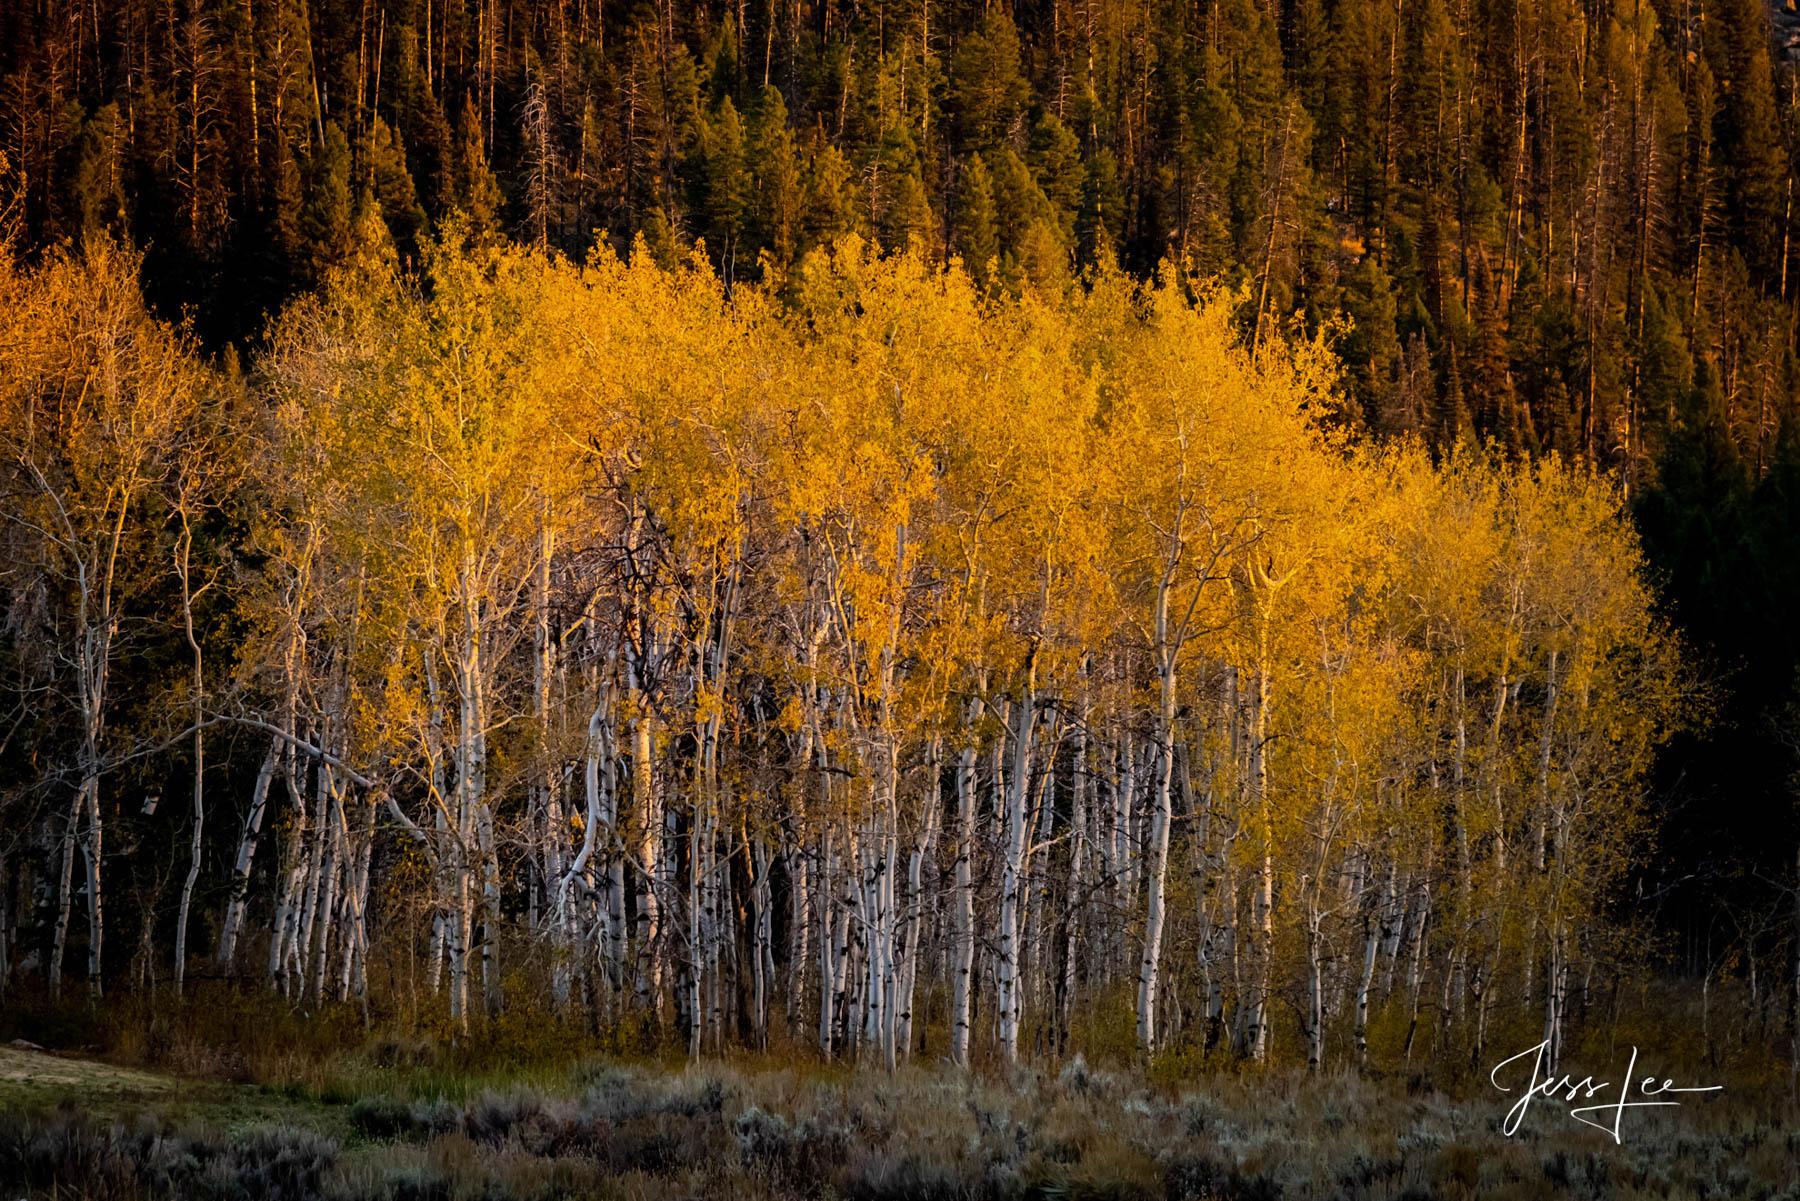 Aspen trees in autumn light., photo